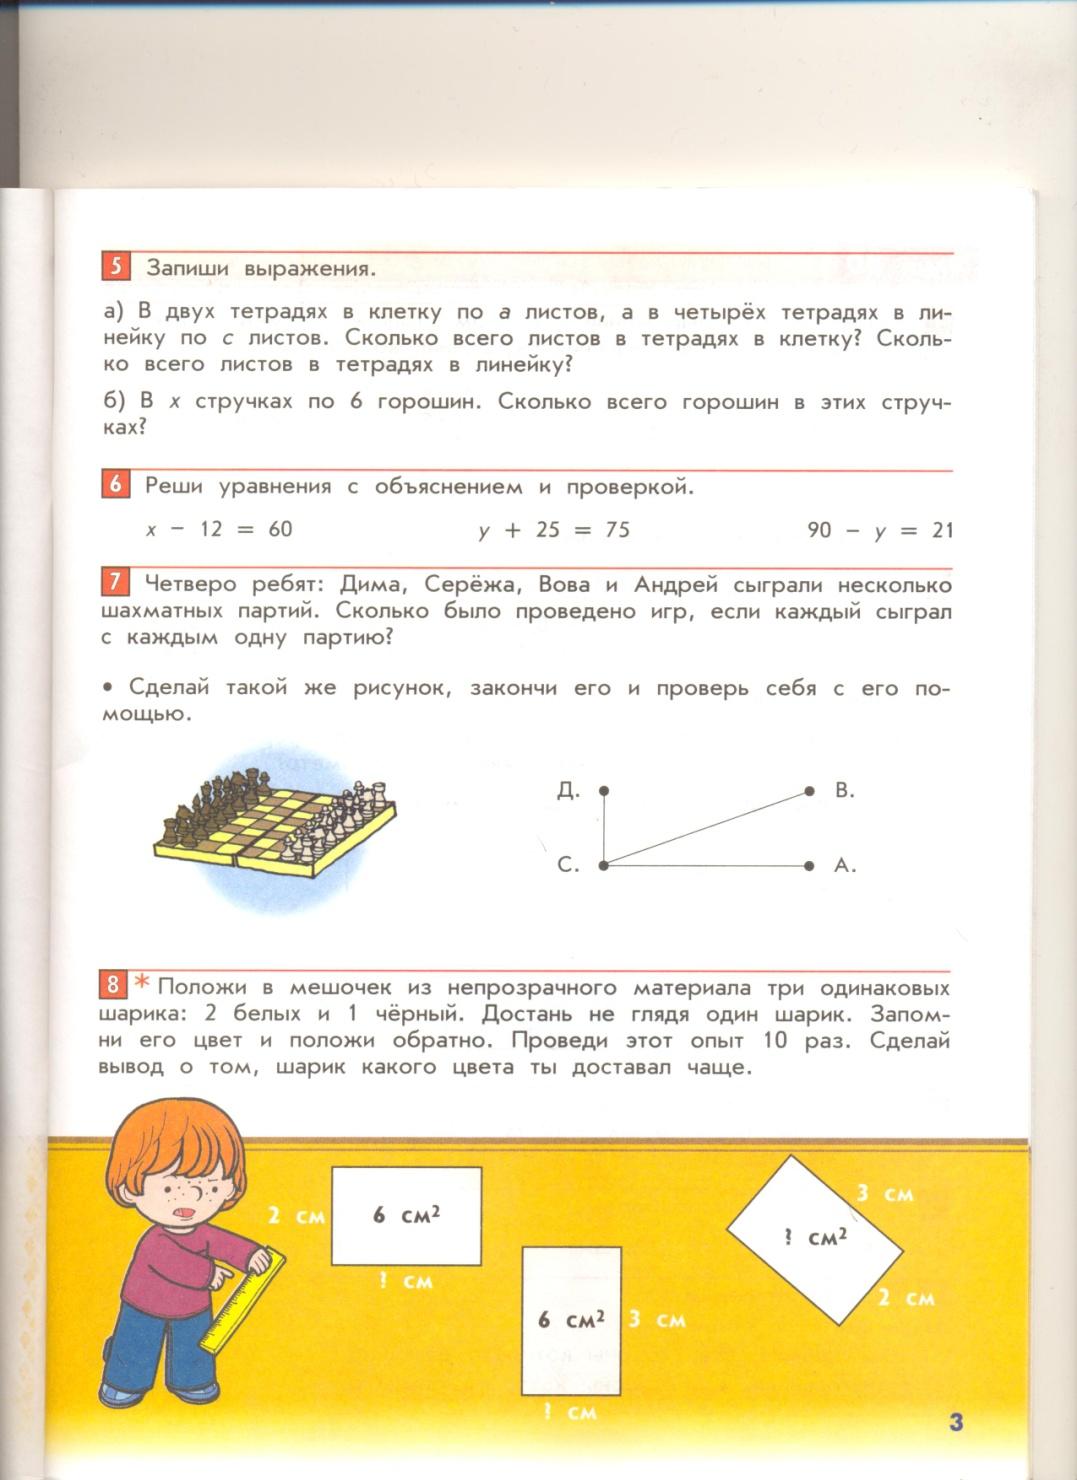 C:\Documents and Settings\Admin\Рабочий стол\педколледж 13-14\практика пробных уроков\моя математикм часть 3\Изображение 002.jpg